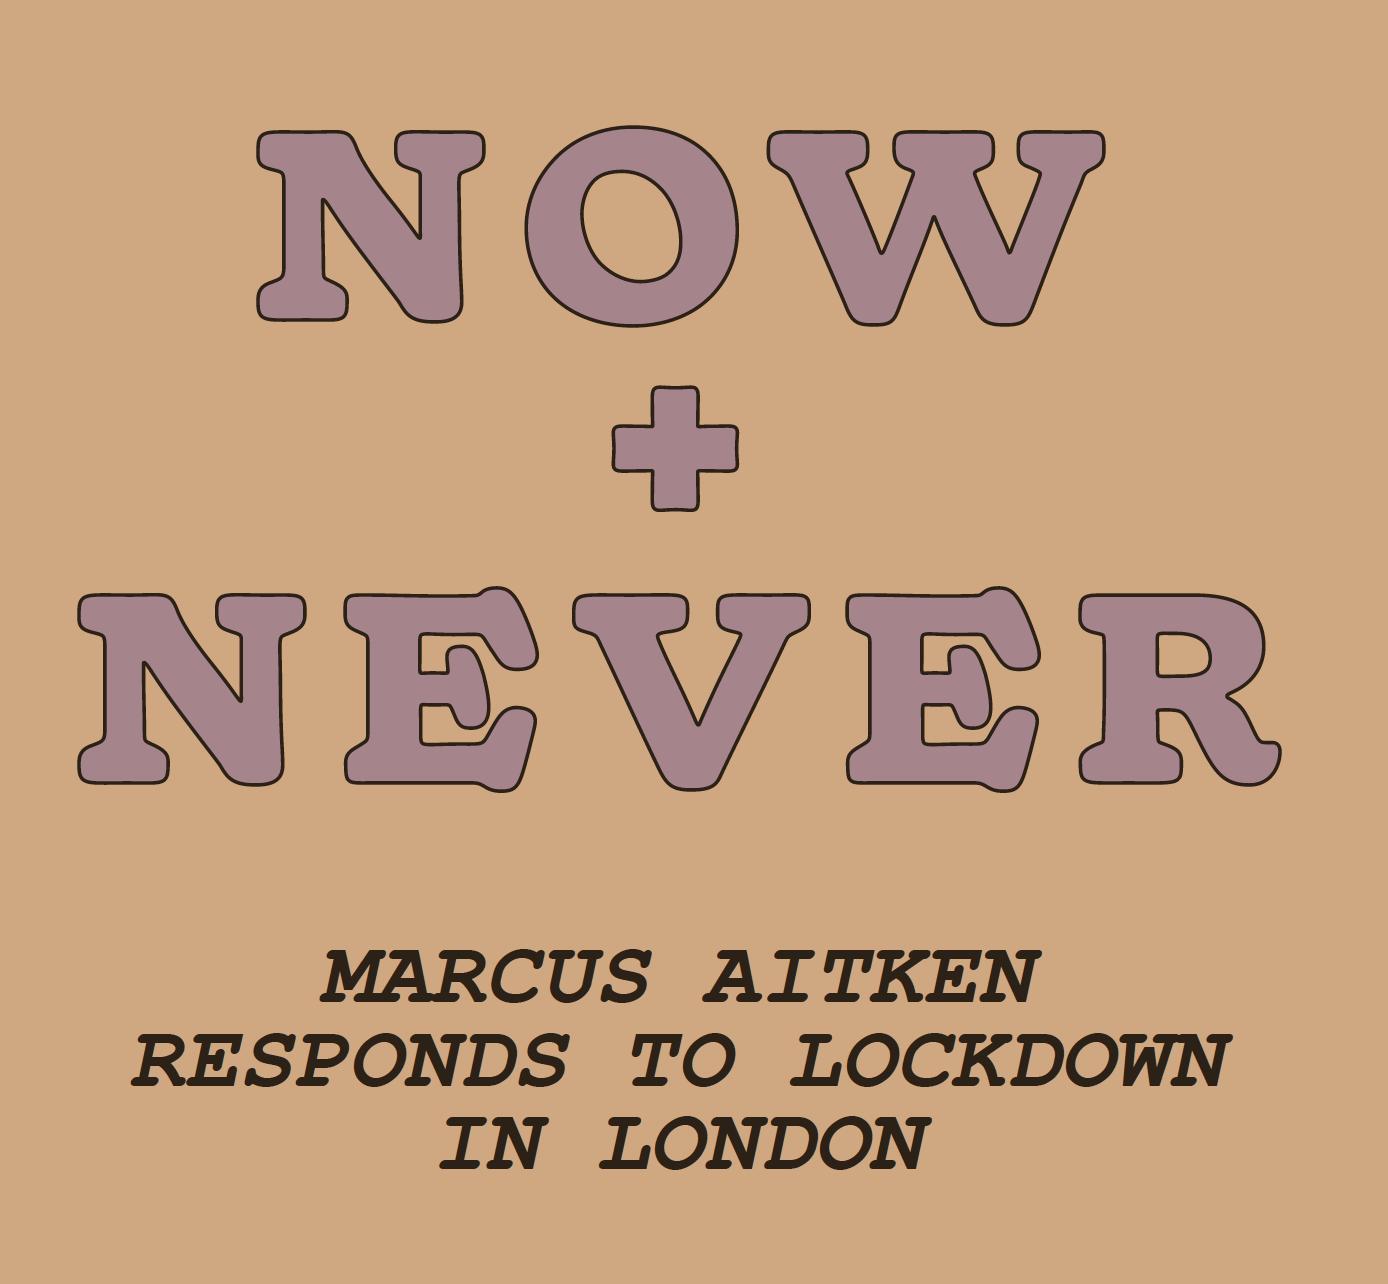 Marcus Aitken's